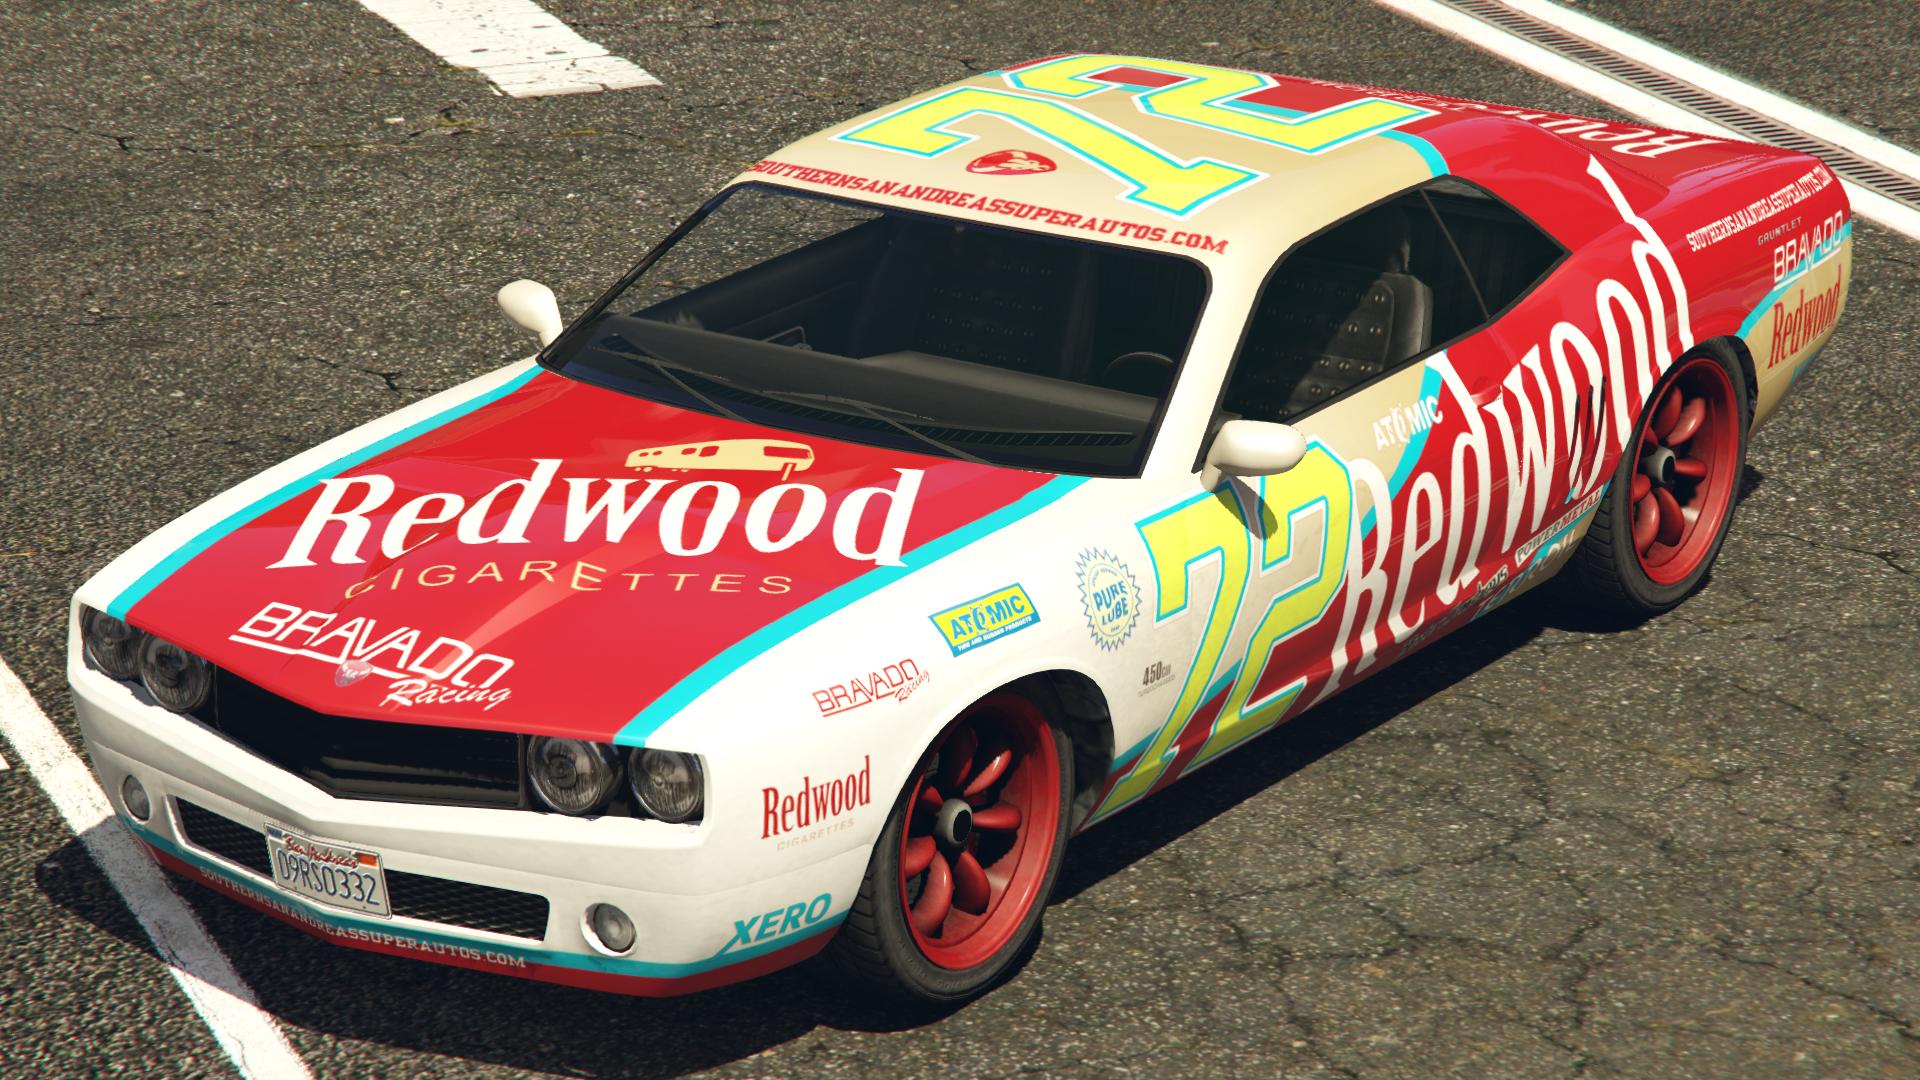 Redwood Gauntlet